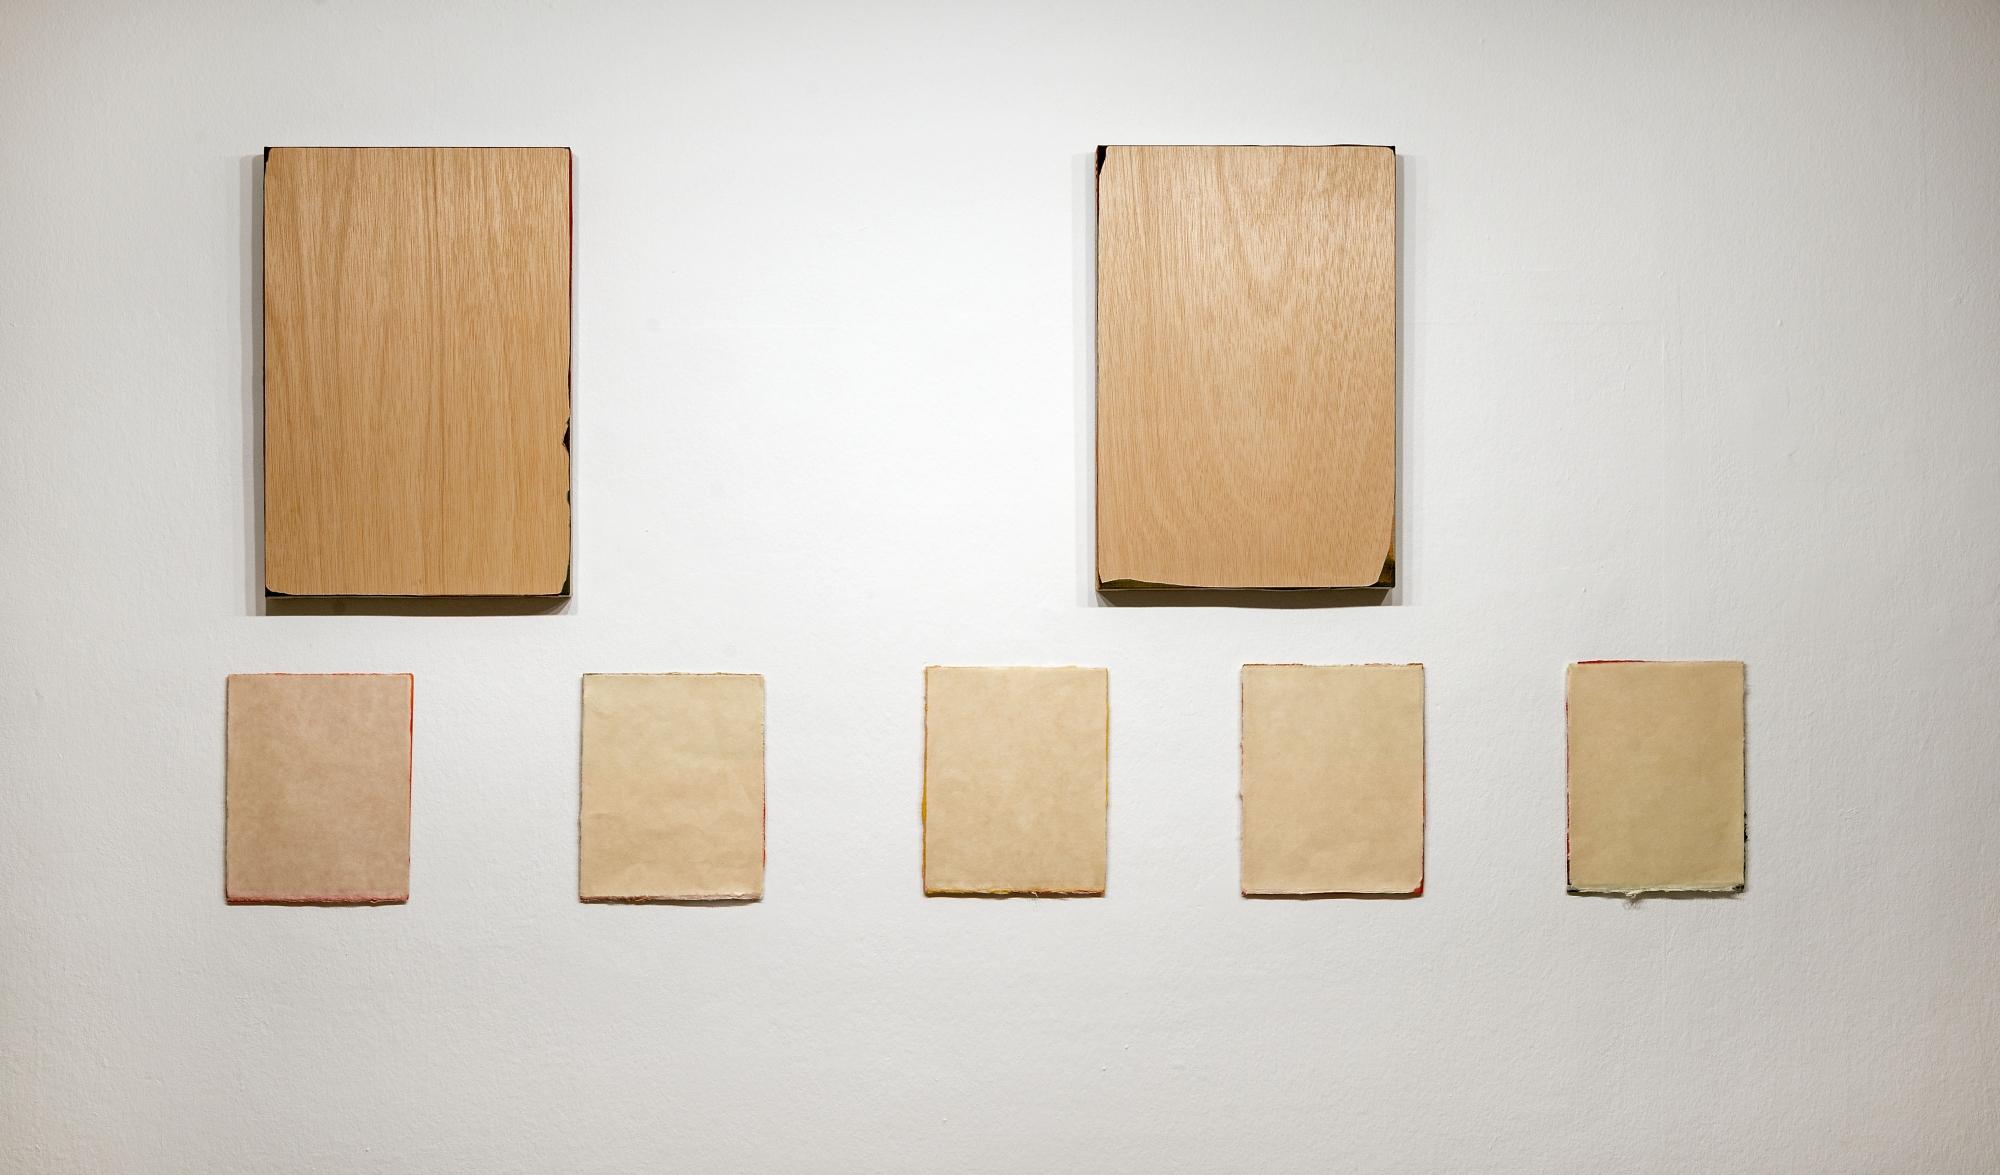 Litus .2017. Papel japonés sobre aluminio. 25 x 160 cm. 5 piezas de 25 x 21 cada una con una separación de 15 cm. //// Margo I y II. 2017. Acrílico sobre lino y madera. 50 x 34 cm. c.u. Nico Munuera 2017.